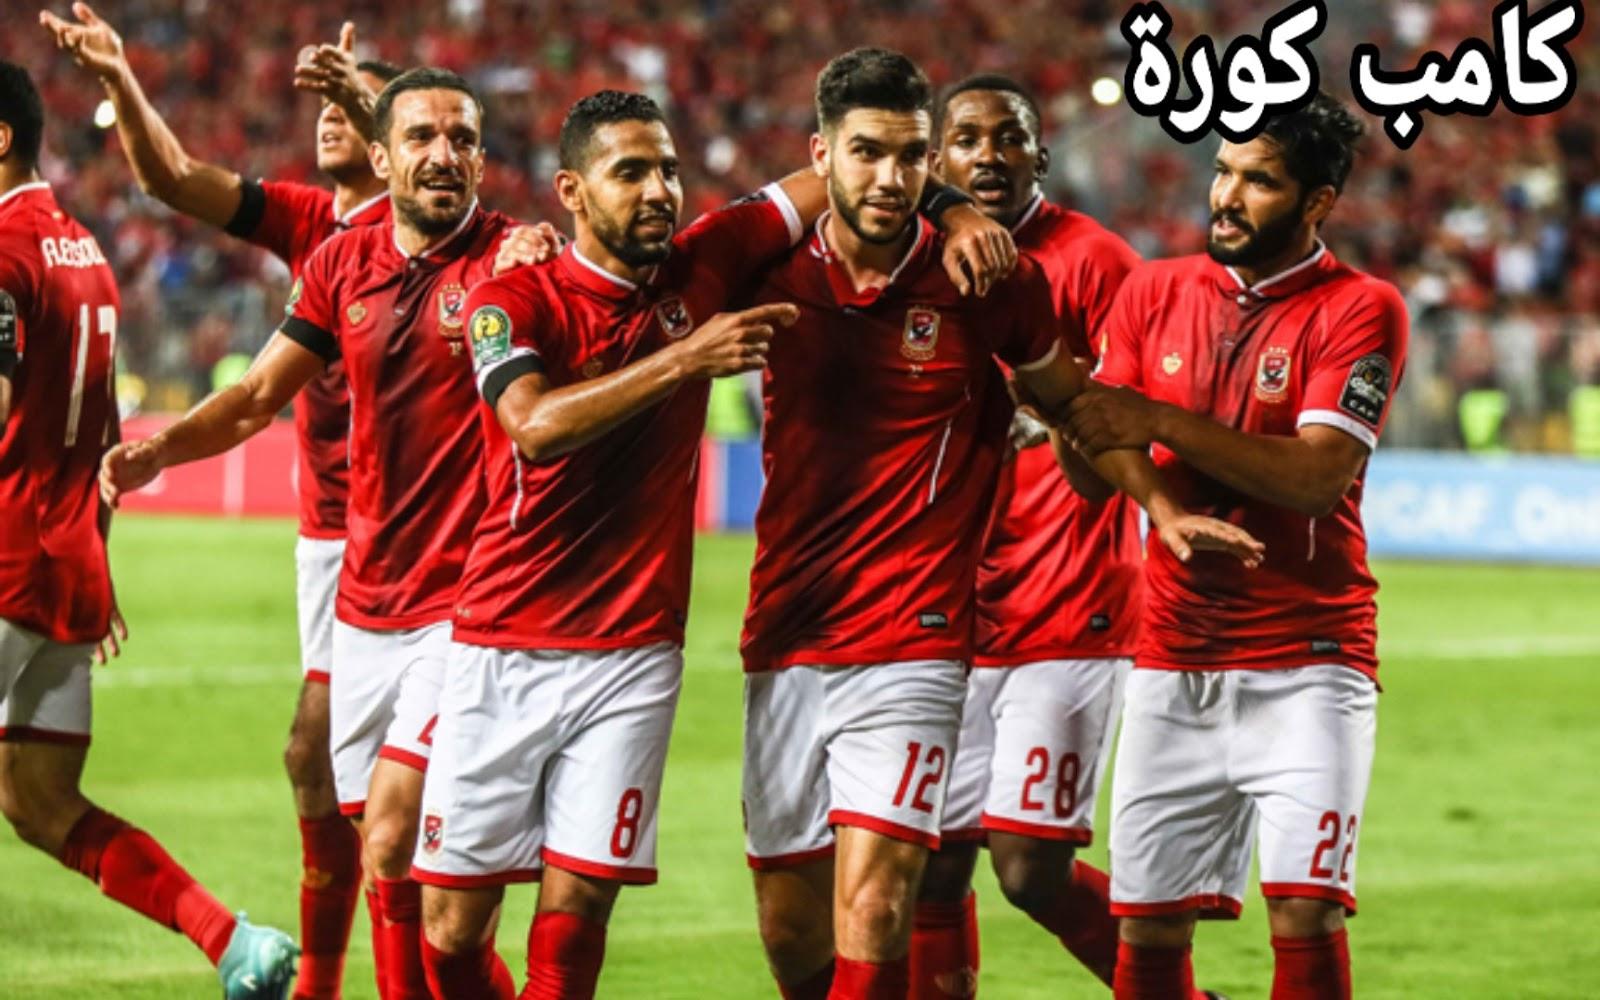 نتيجة مباراة الاهلى والجونة اليوم في الدوري المصري ملخص